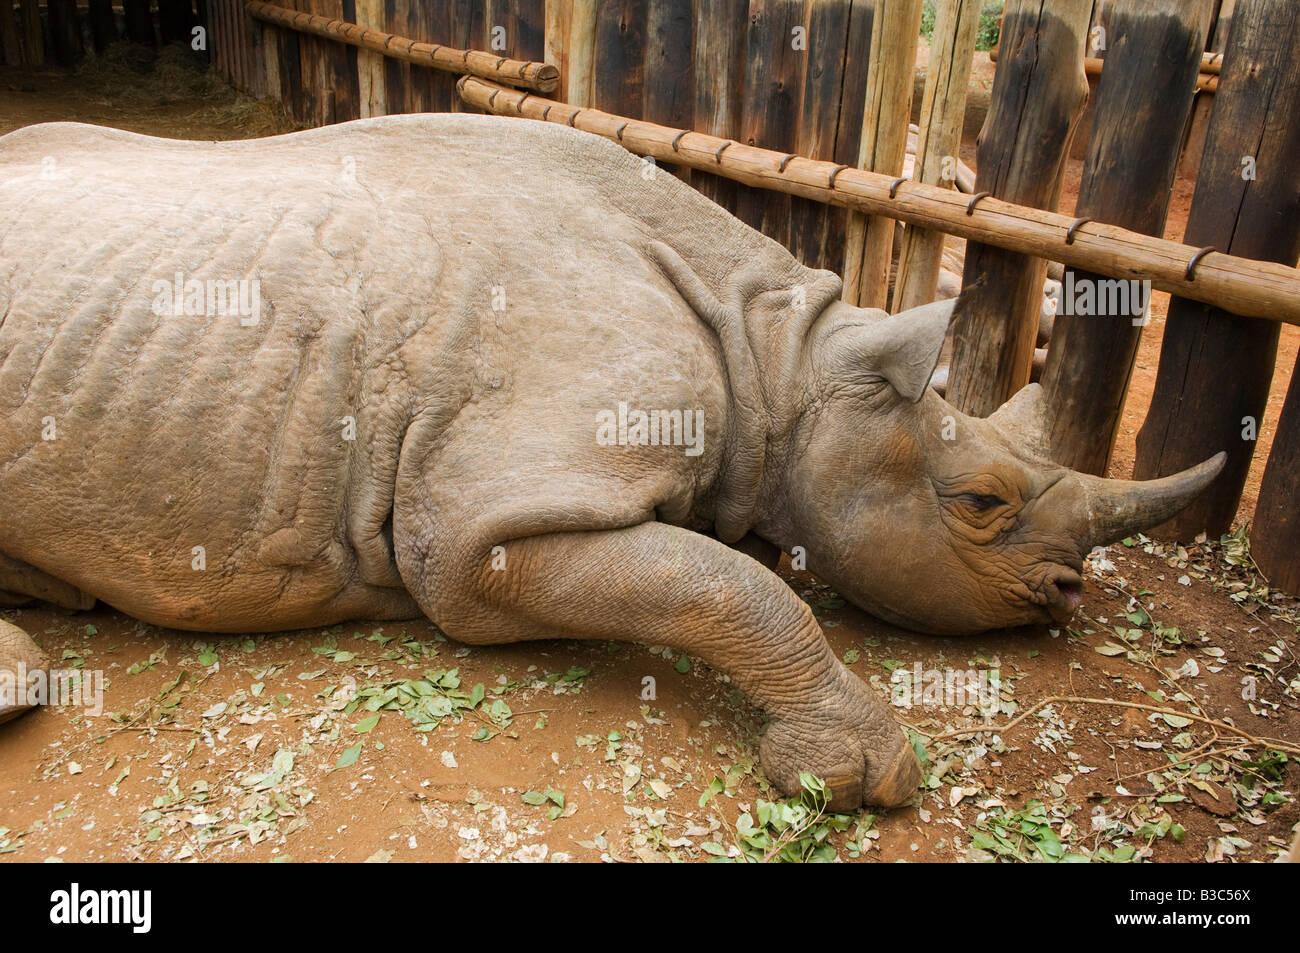 Kenya, Nairobi, David Sheldrick Wildlife Trust. Orphelins d'un rhinocéros noir repose dans son composé à l'David Sheldrick Wildlife Trust, où il va grandir et rassembler des forces avant d'être relâché dans la nature. Banque D'Images